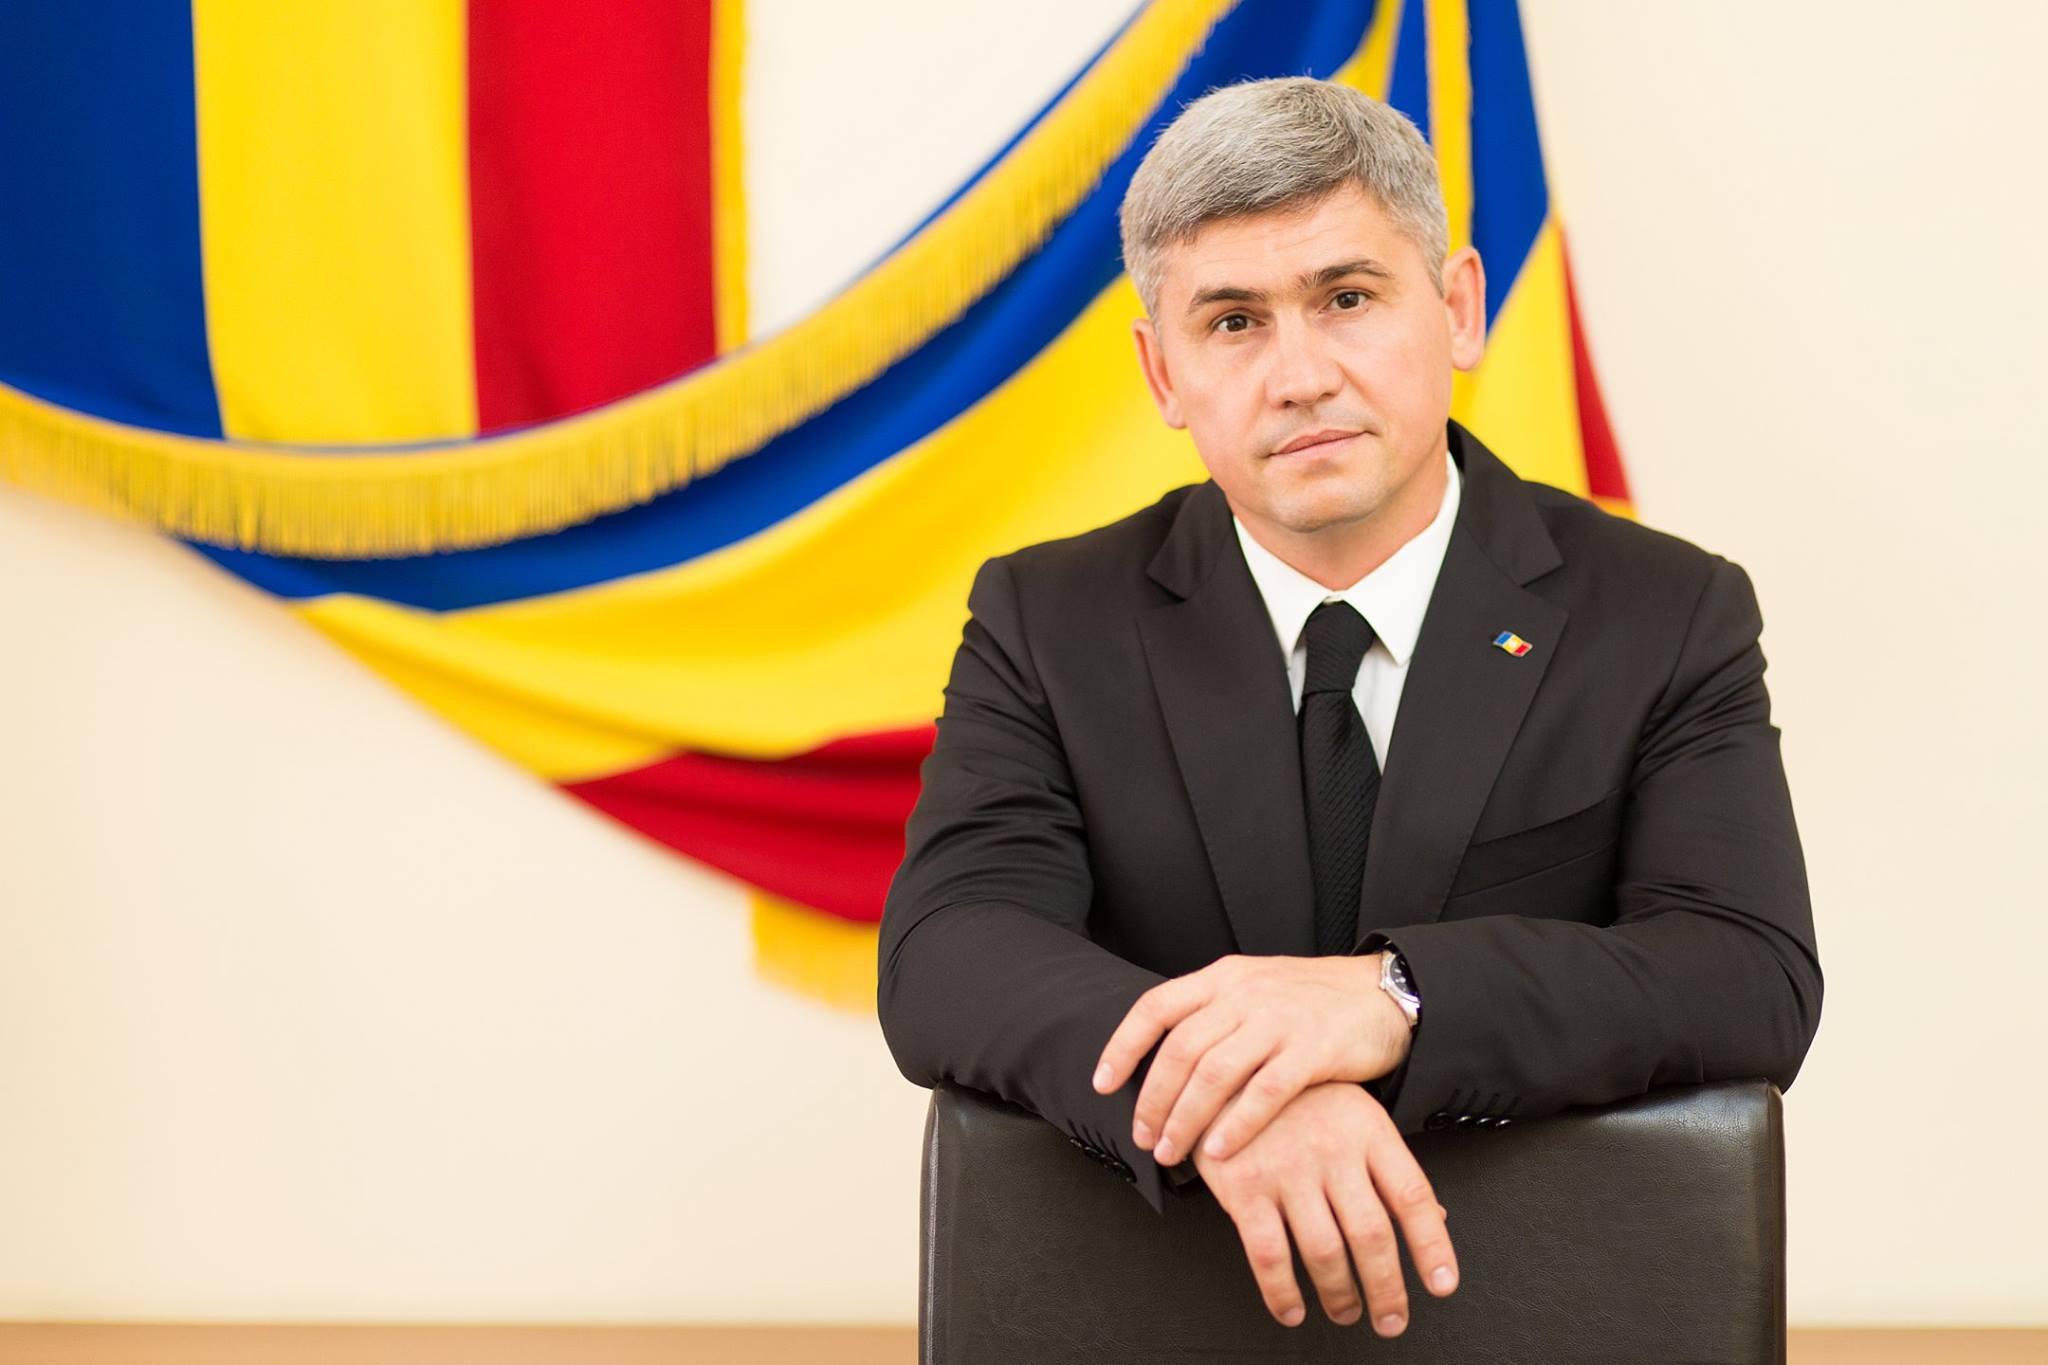 Ministrul Jizdan: Candidez la parlamentare și începând cu ziua de astăzi este valabilă degrevarea mea de la atribuţiile de serviciu